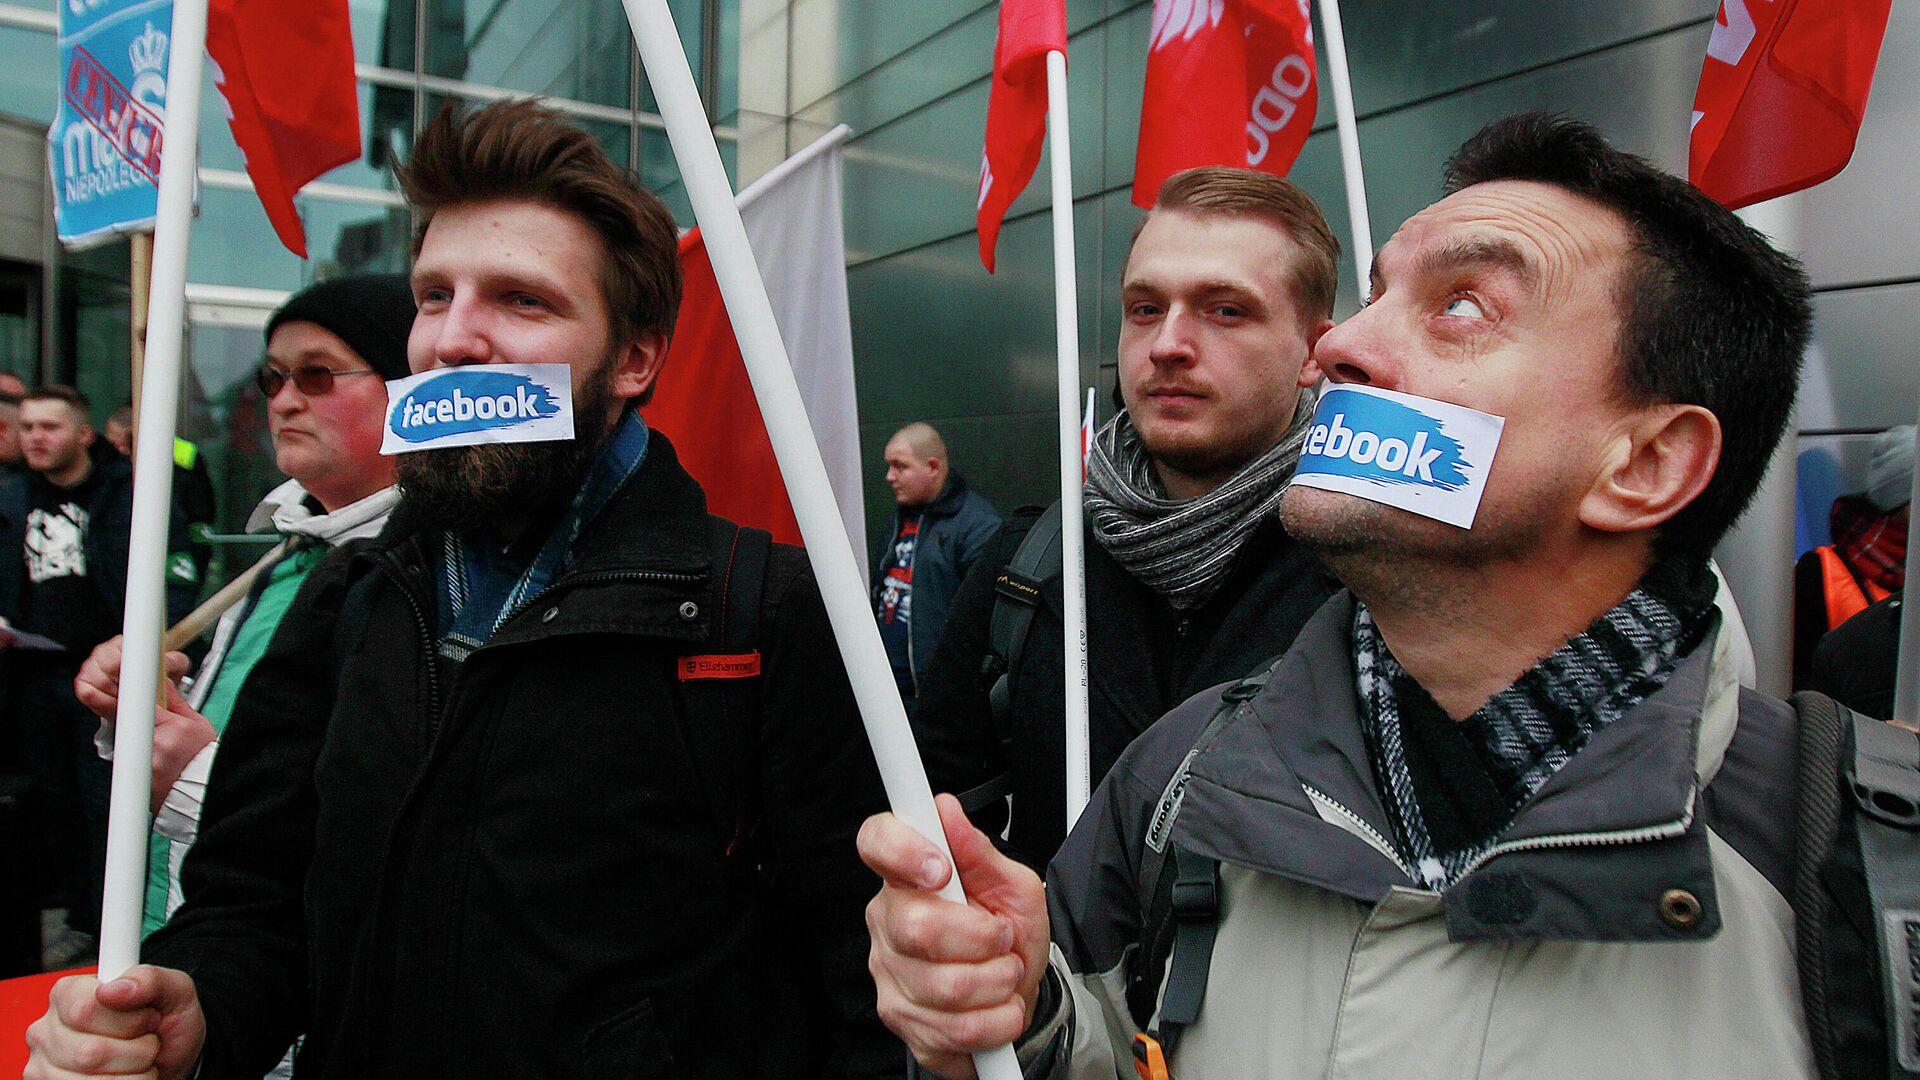 Протесты против блокировки аккаунтов в сети Facebook в Варшаве  - РИА Новости, 1920, 15.01.2021